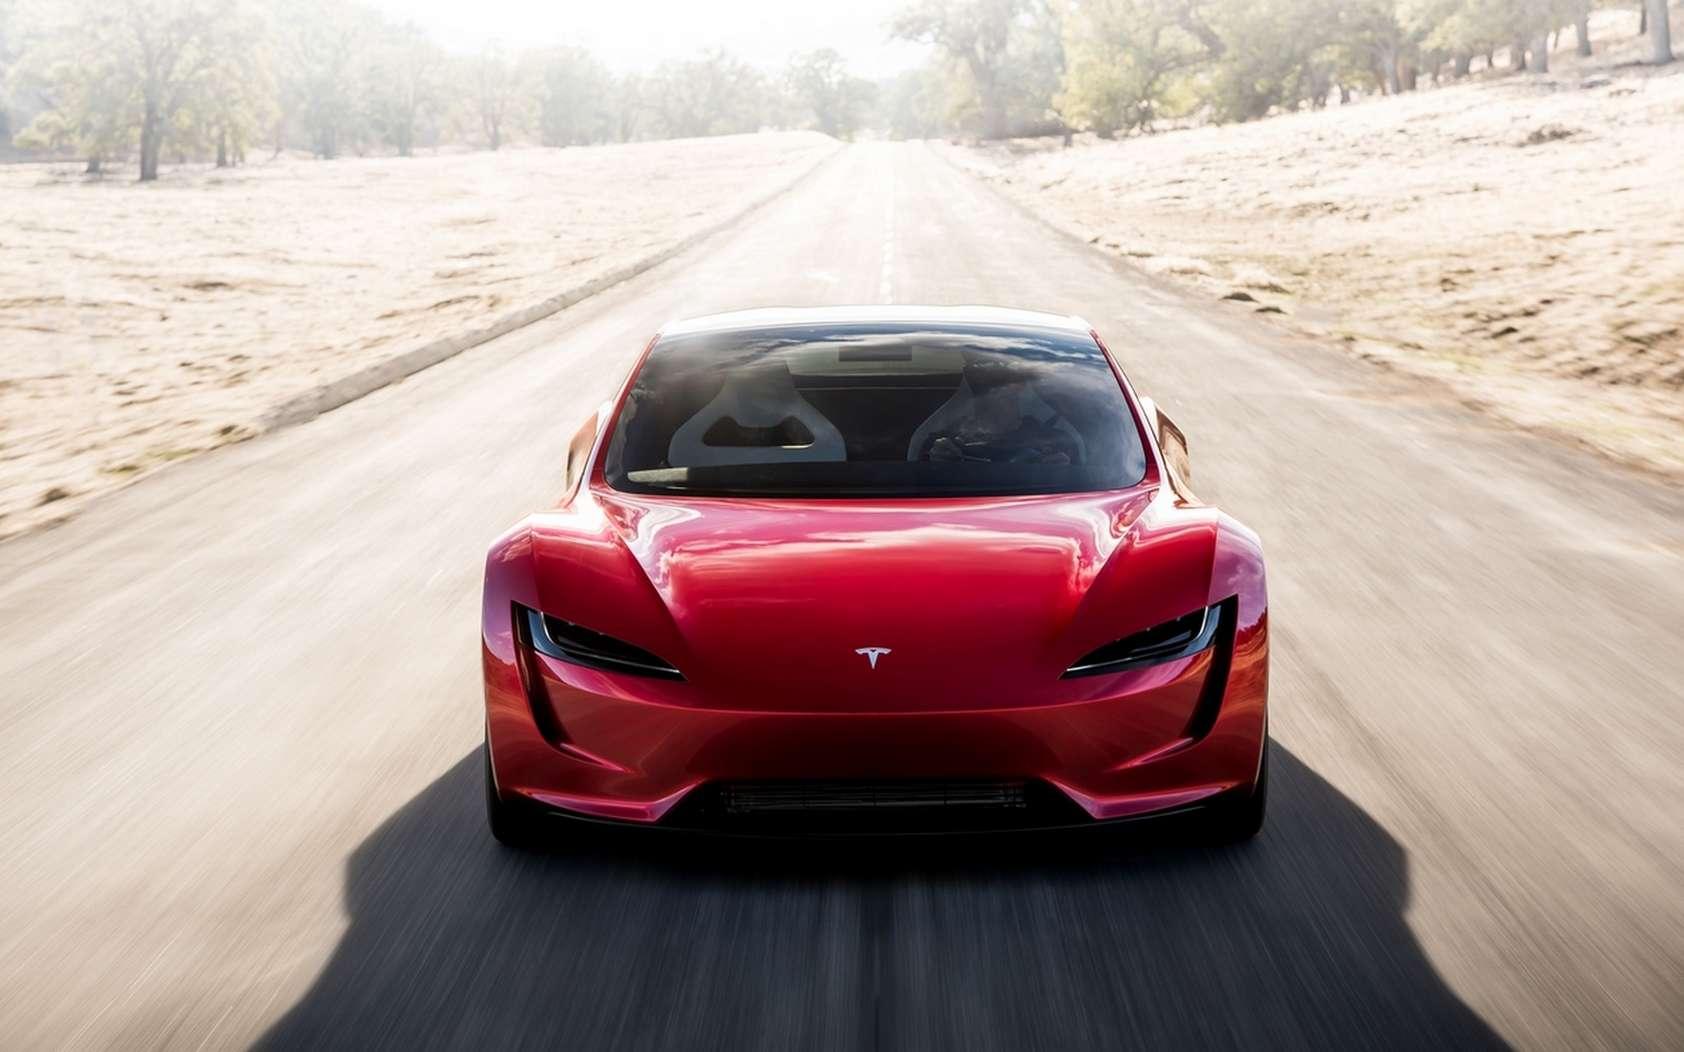 Le Tesla Roadster est censé atteindre les 400 km/h et offrir 1.000 km d'autonomie. © Tesla